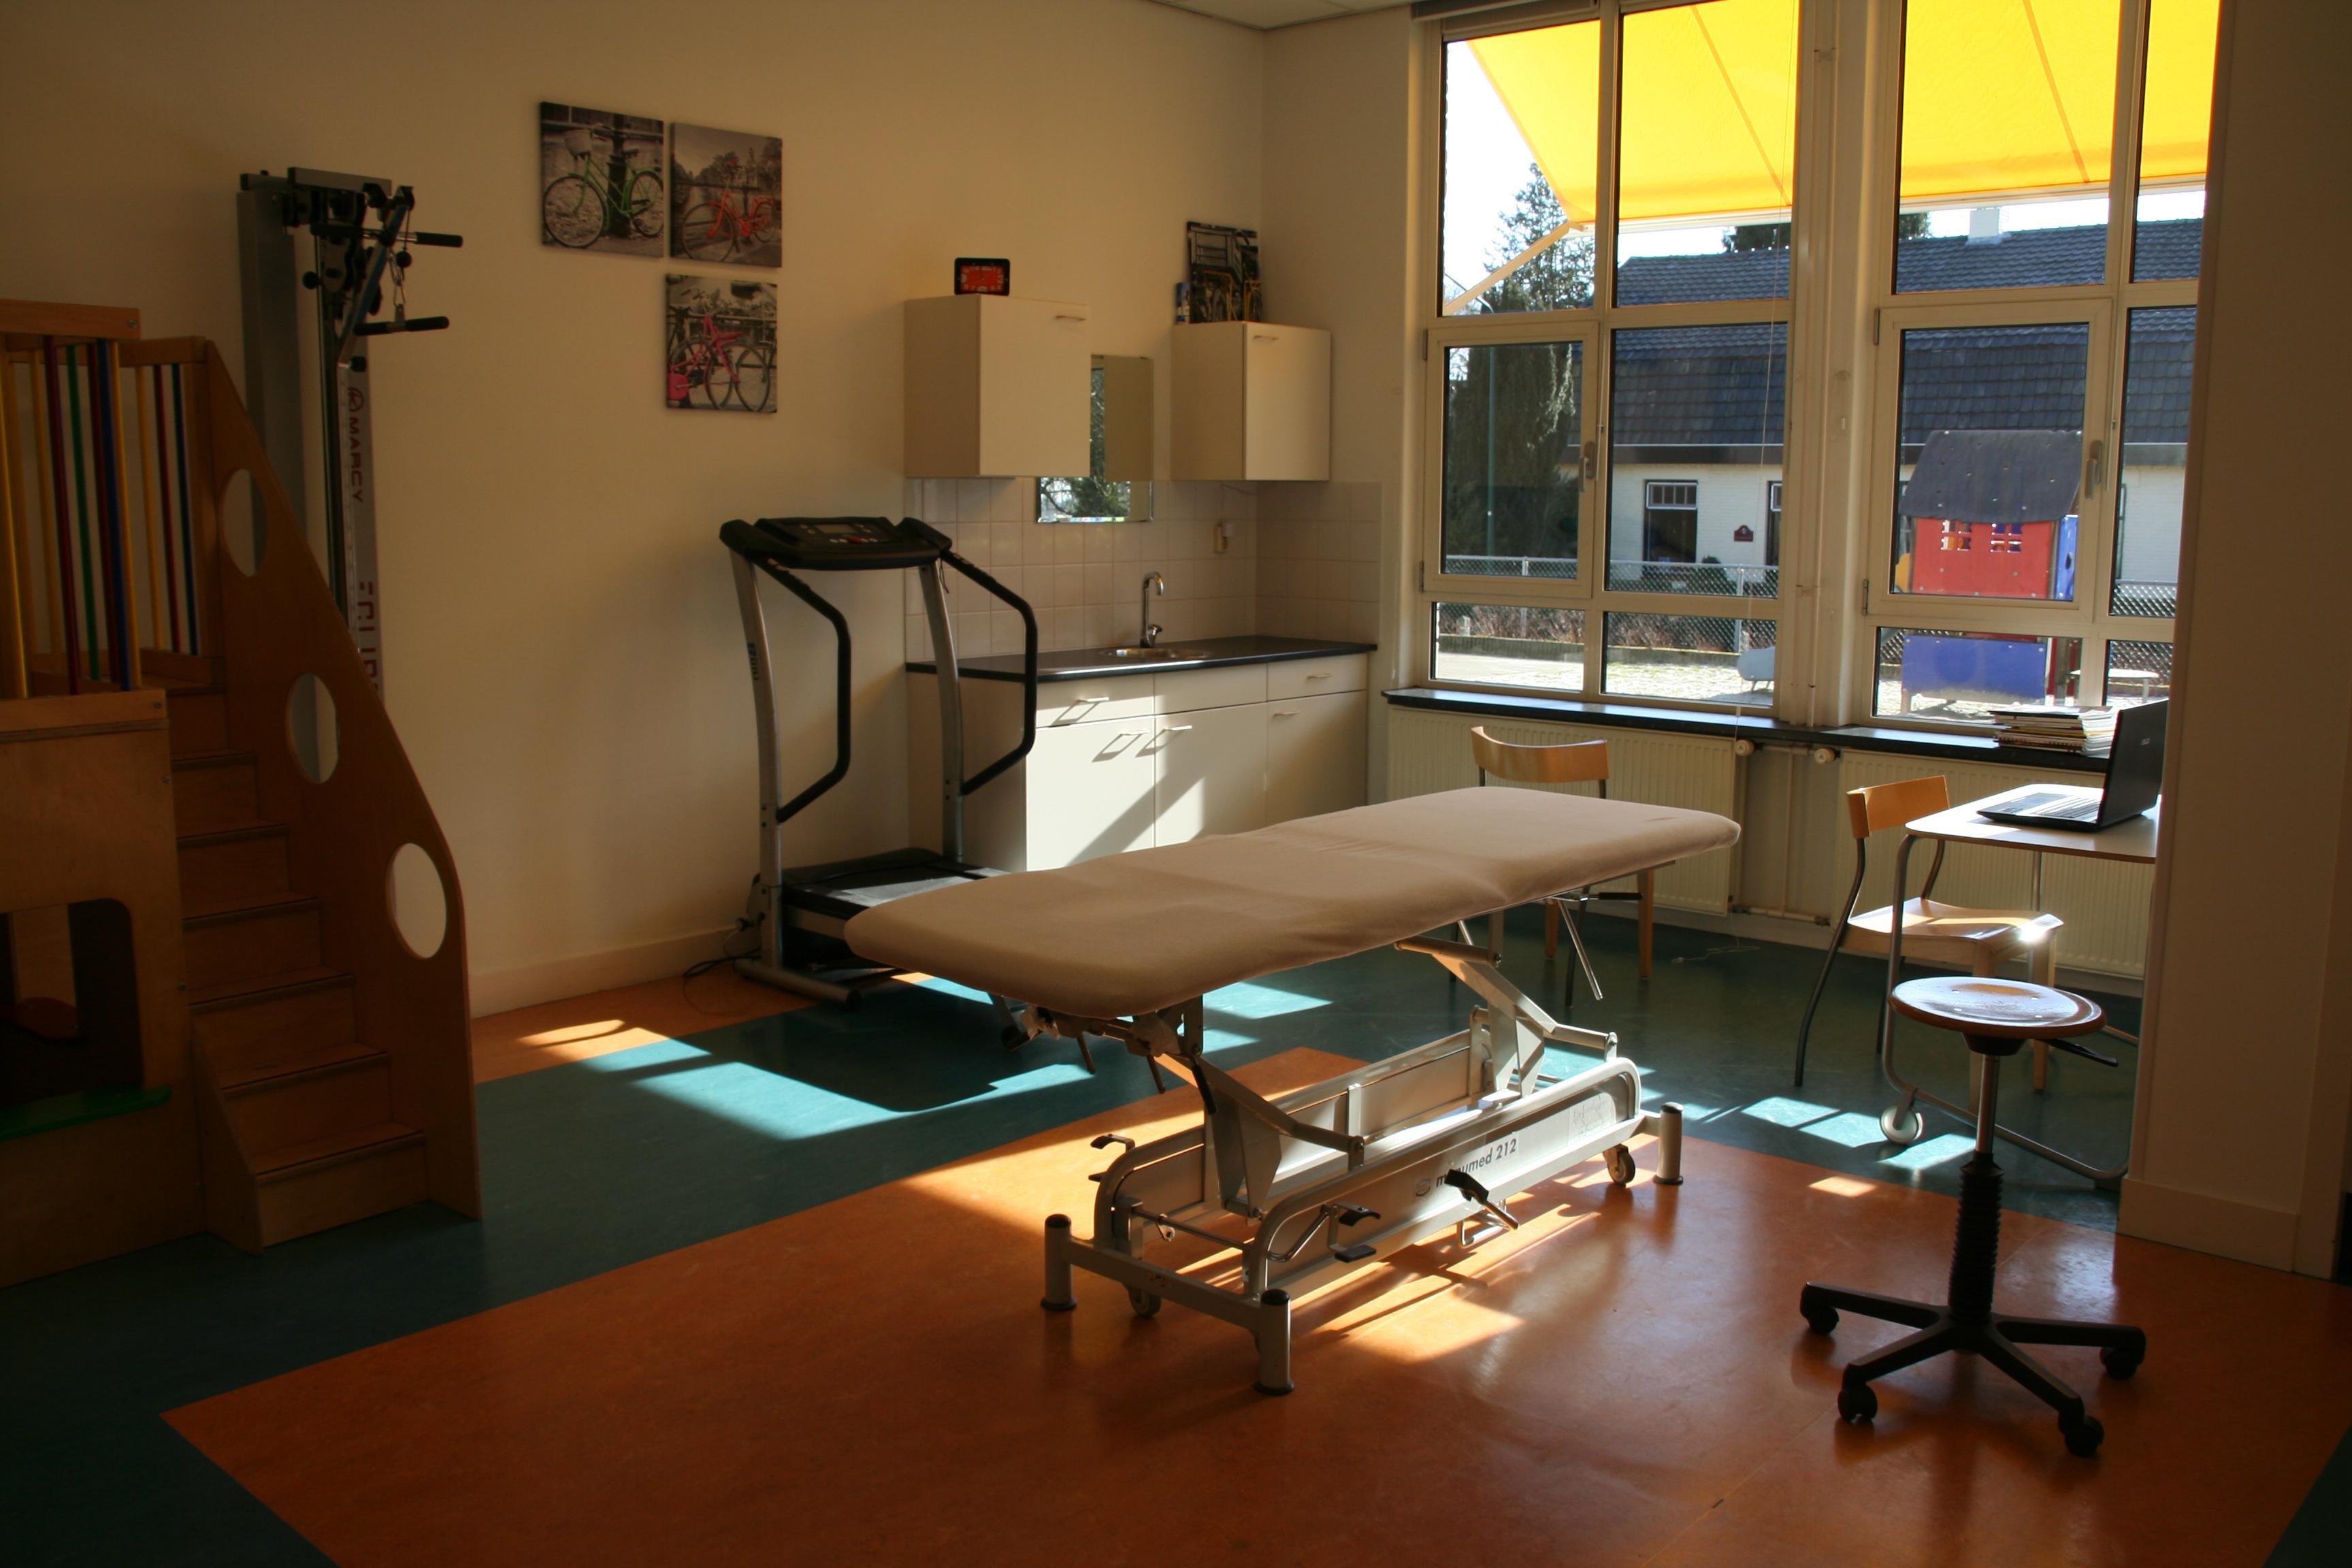 Fysiotherapie Theunissen Vestiging Vianen, behandelruimte